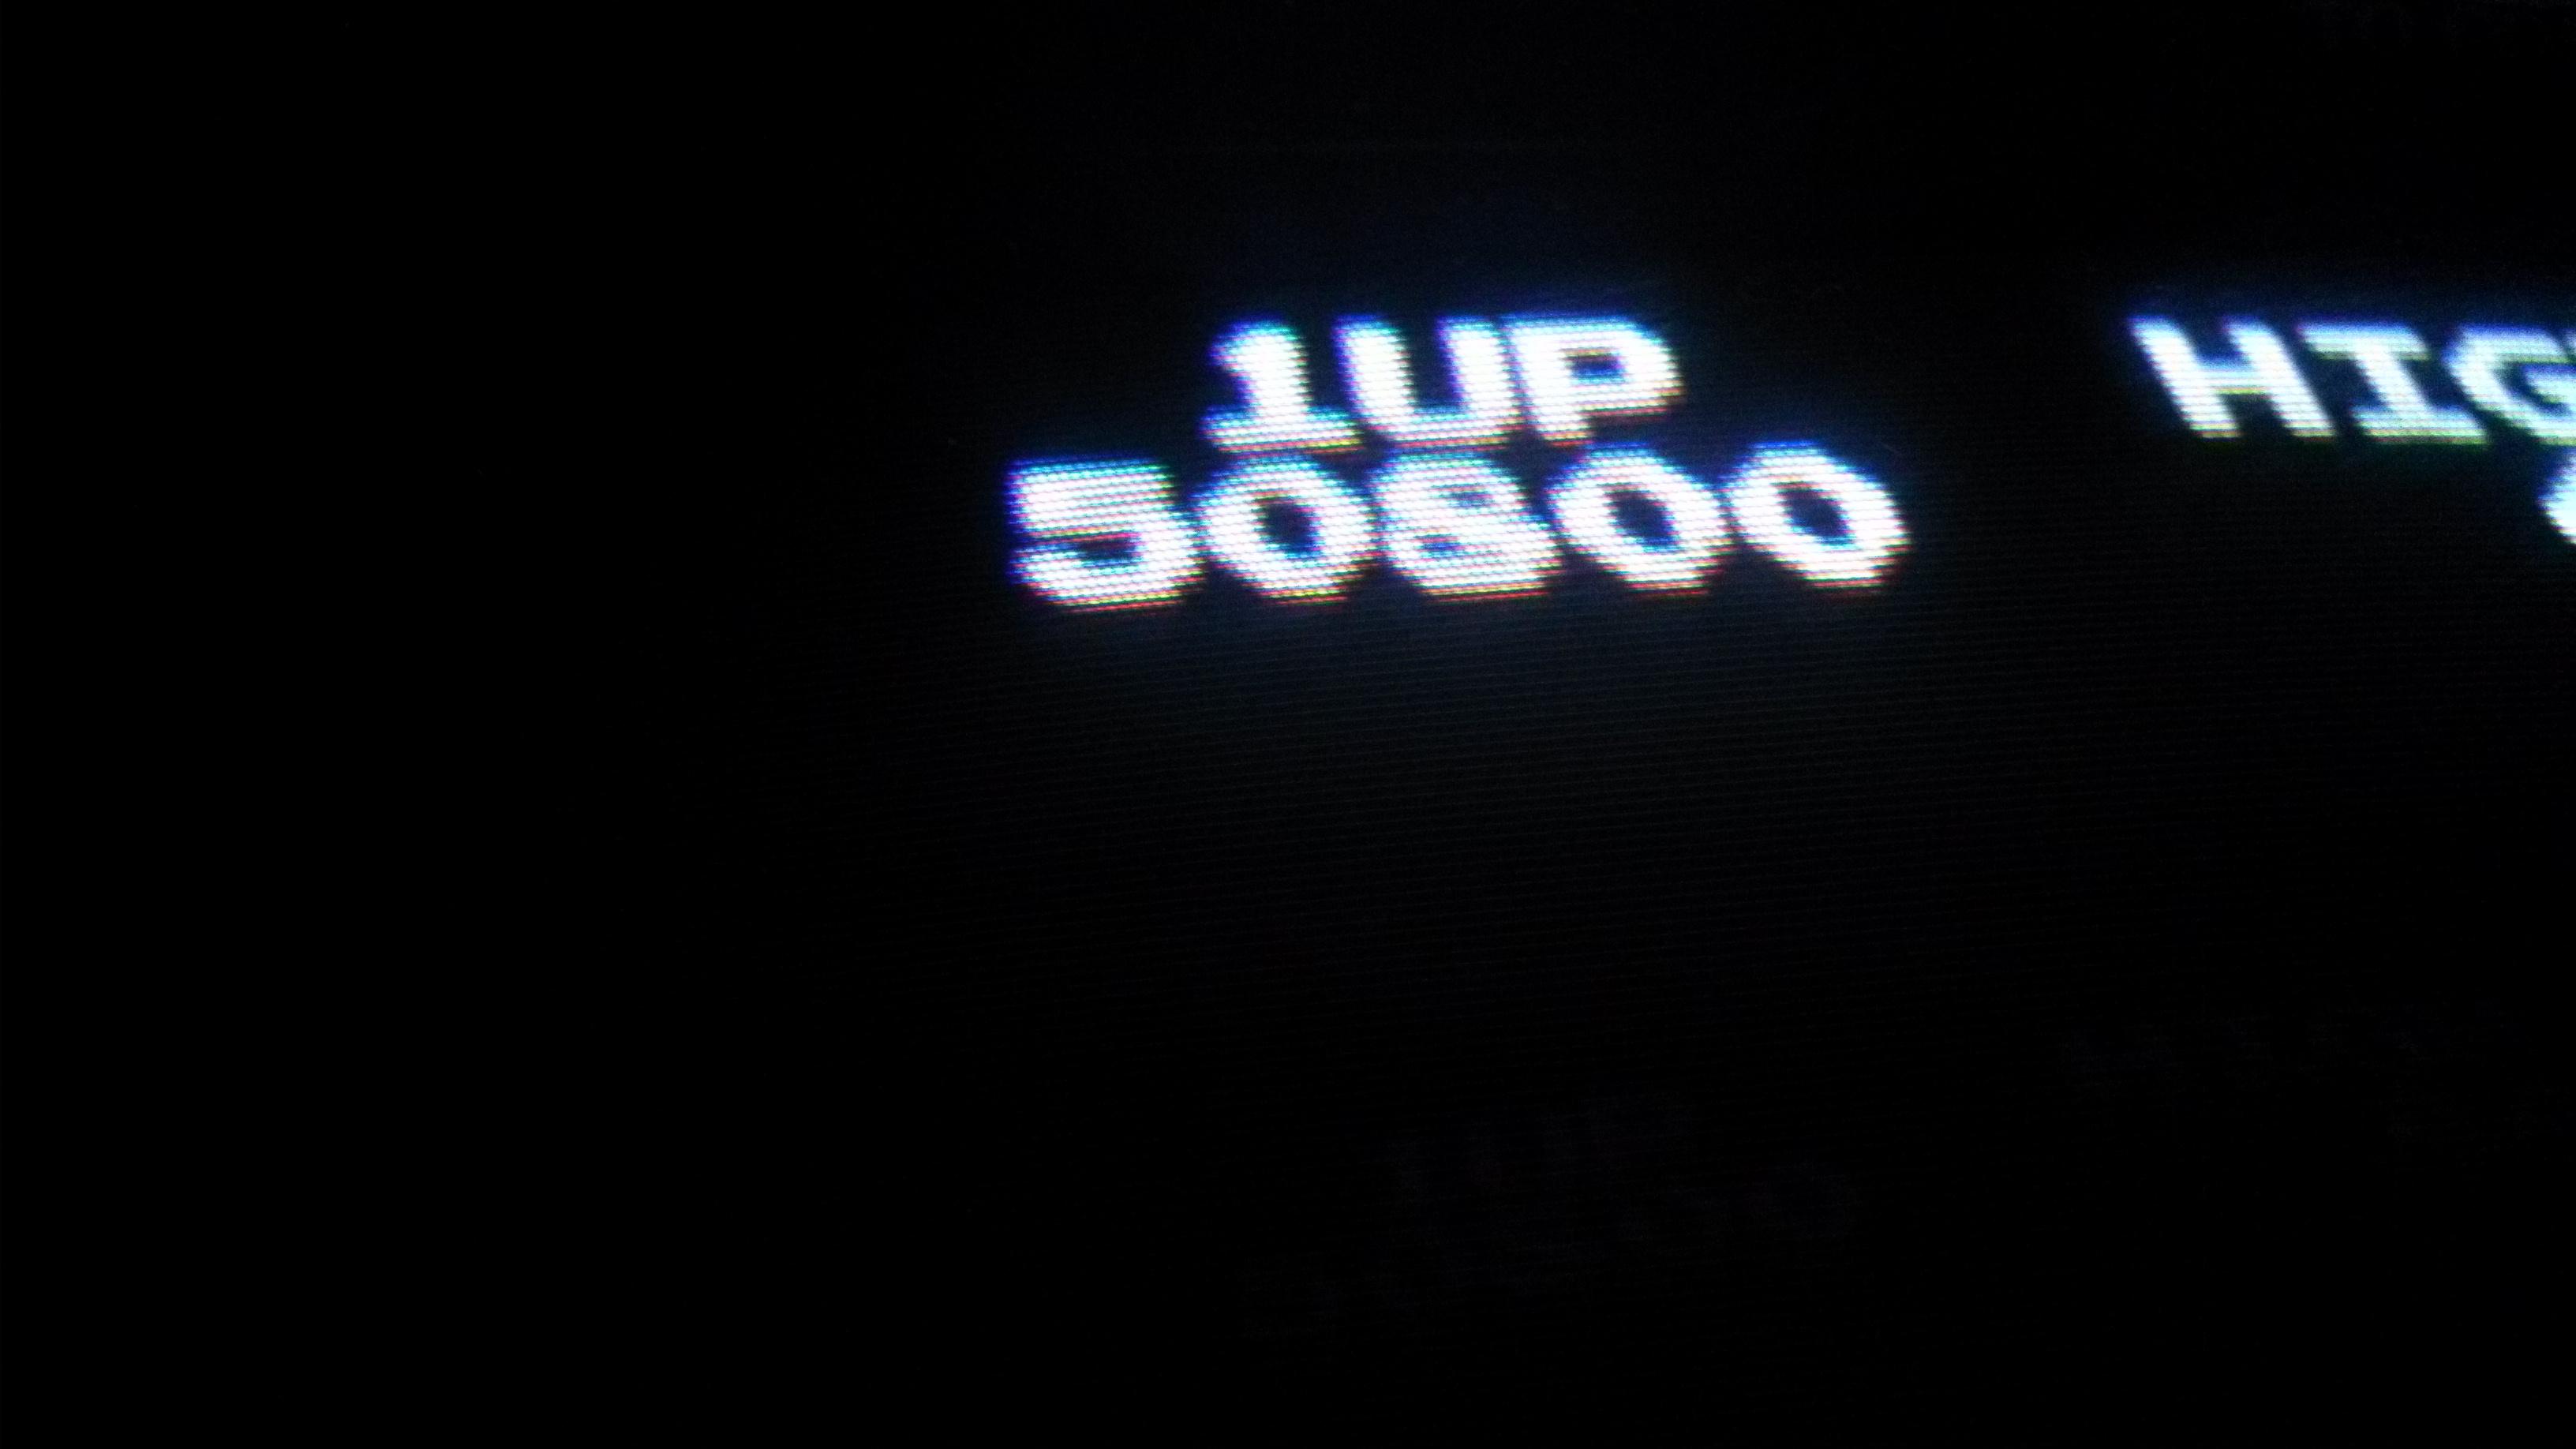 14015040885 18472d8a39 o